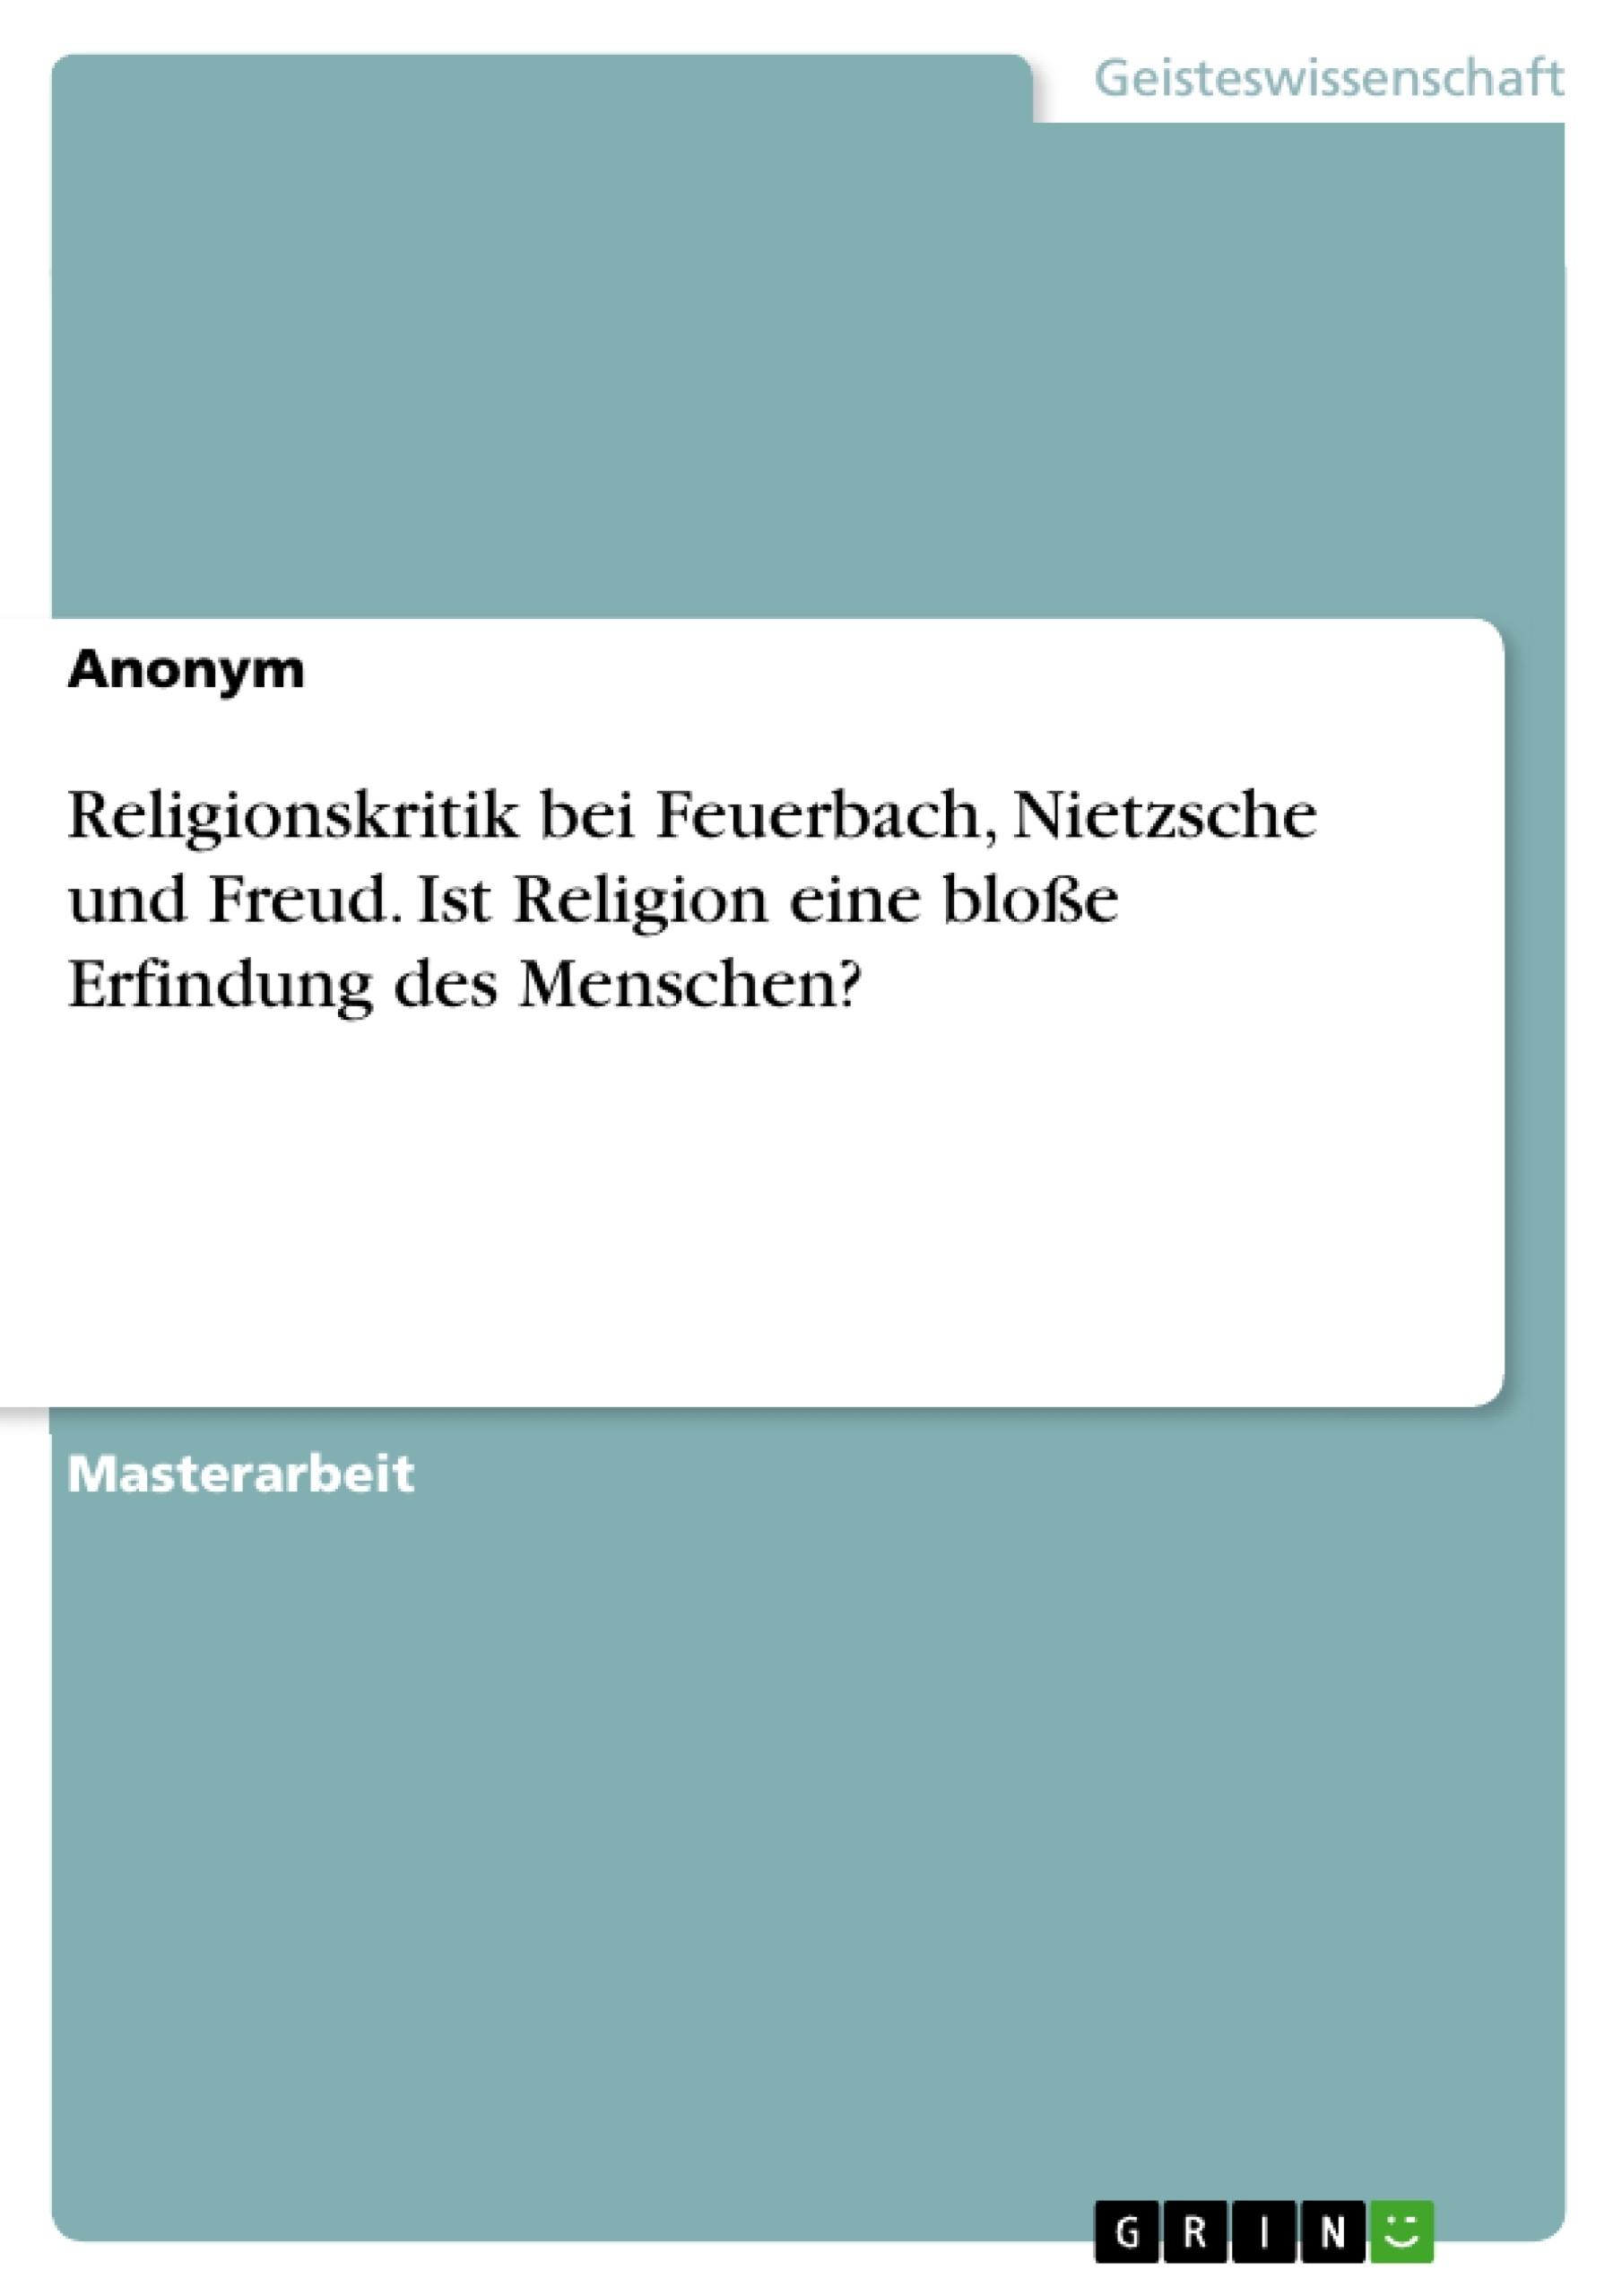 Titel: Religionskritik bei Feuerbach, Nietzsche und Freud. Ist Religion eine bloße Erfindung des Menschen?